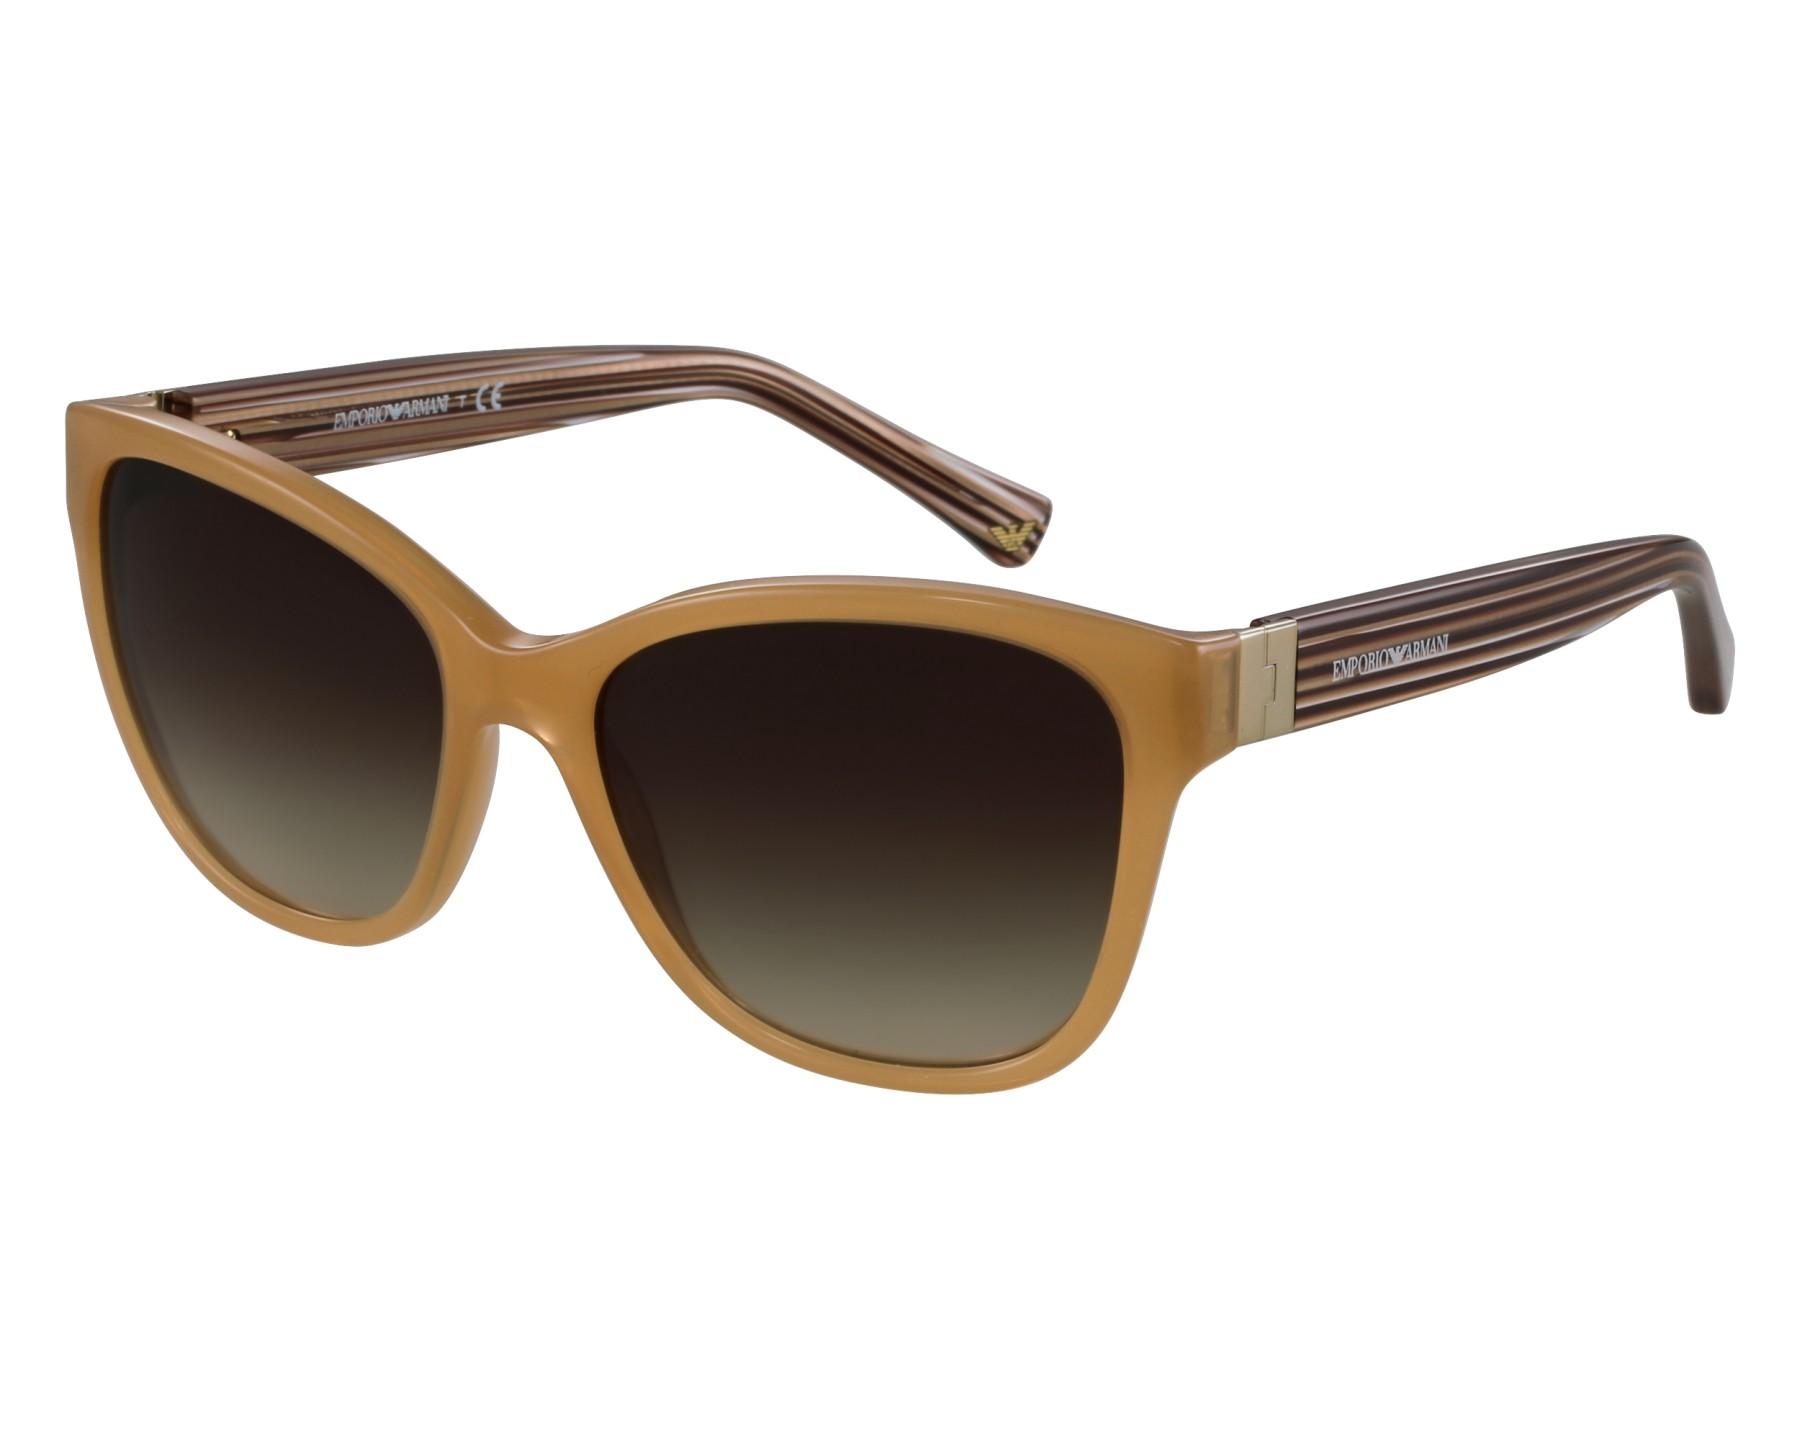 lunettes de soleil emporio armani ea 4068 5506 13 beige avec des verres marron. Black Bedroom Furniture Sets. Home Design Ideas